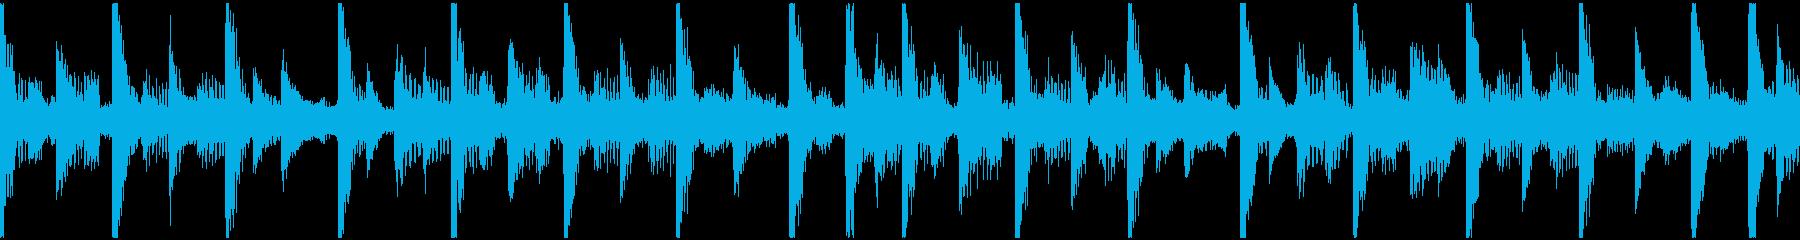 新鮮な合成パルス。柔らかくハイテク...の再生済みの波形